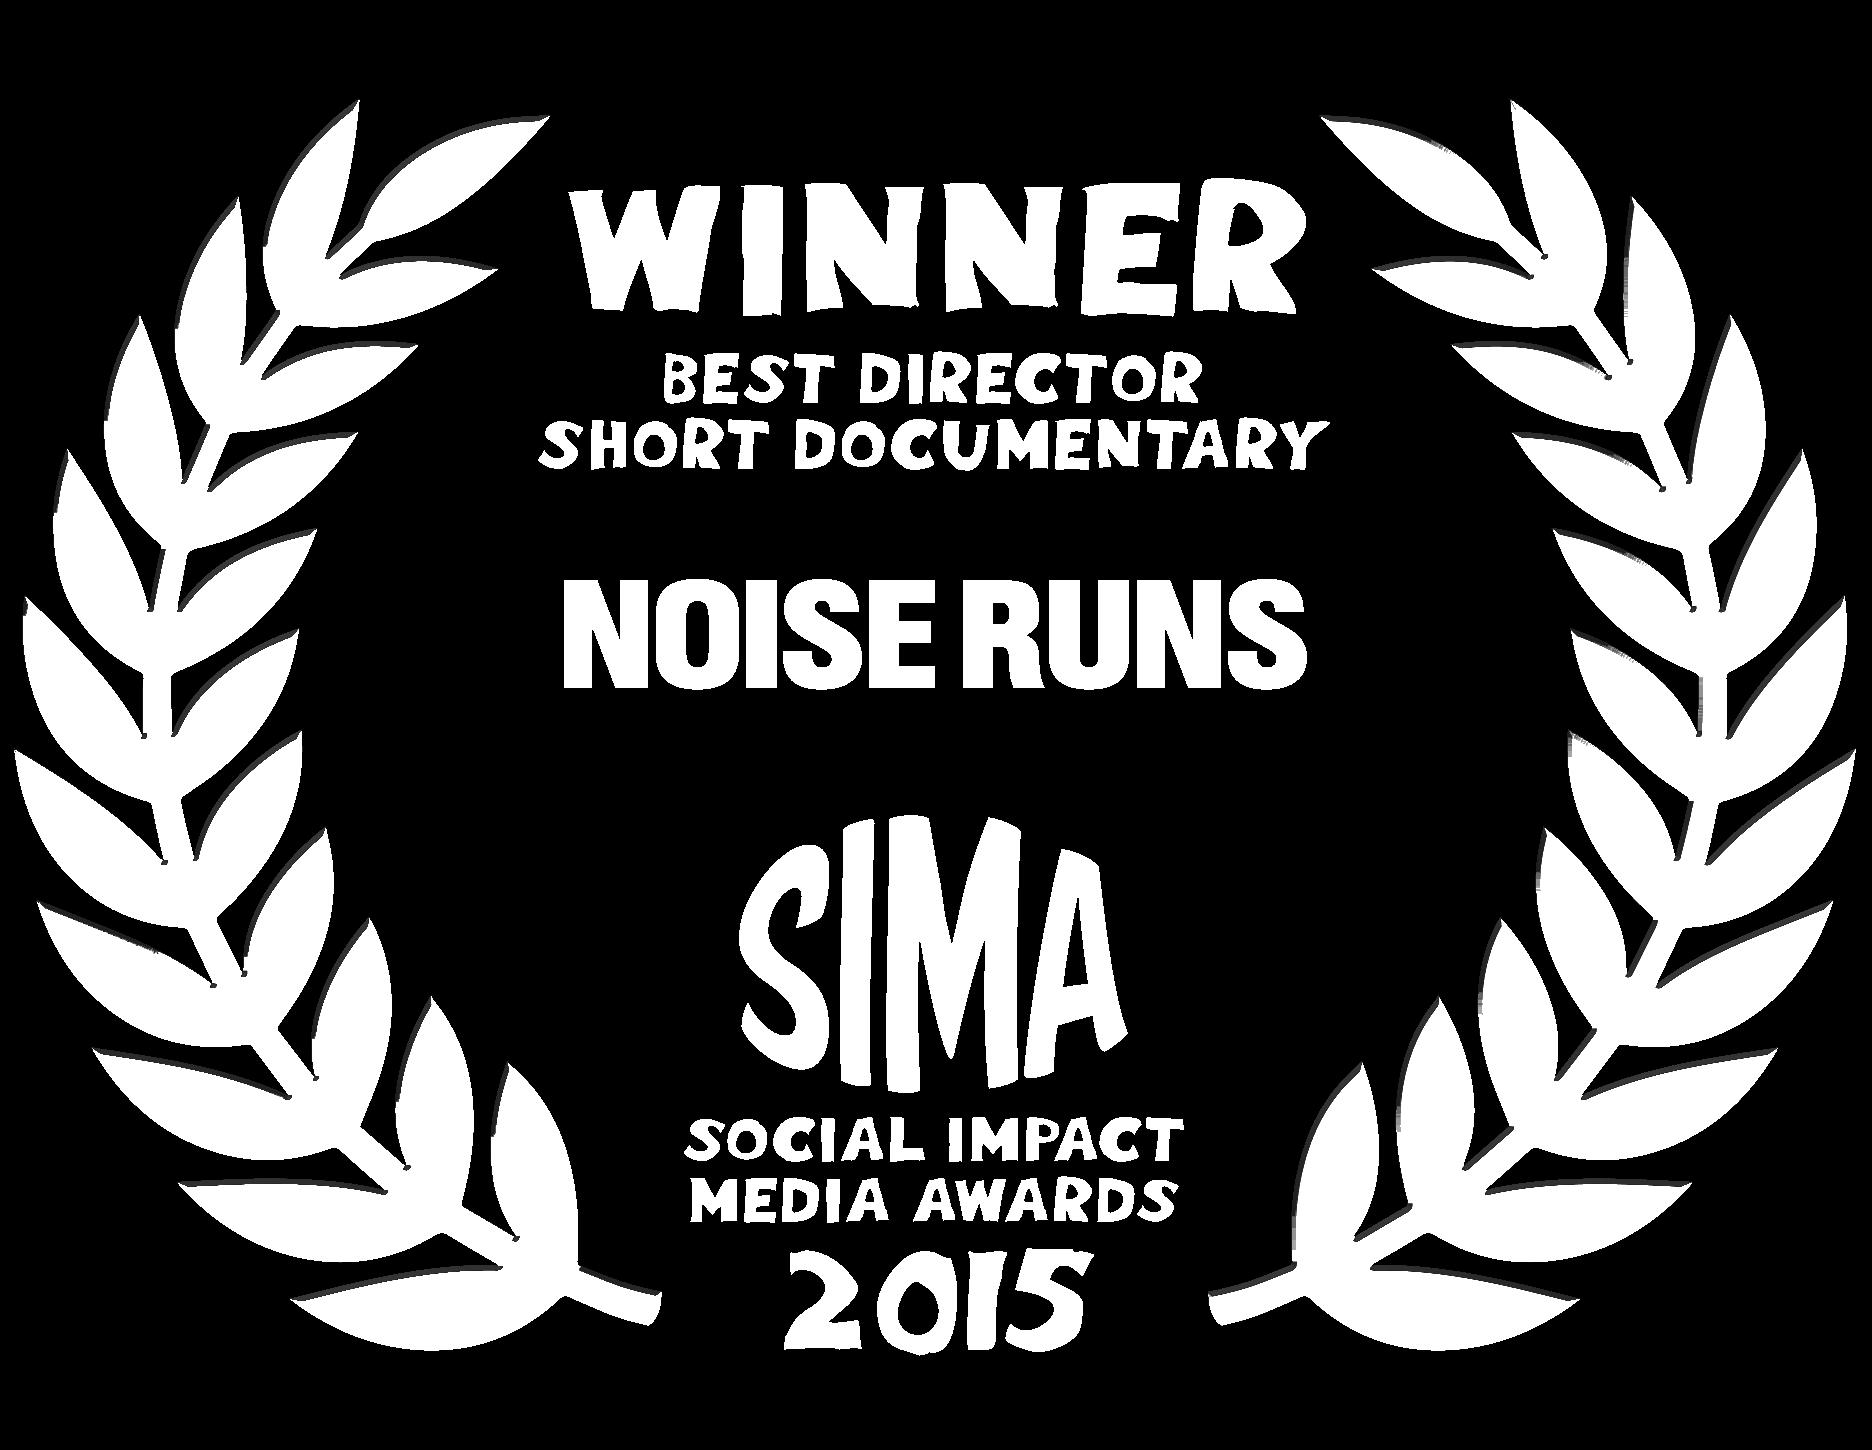 NOISE RUNS_BEST DIRECTOR SHORT COLOR SWAP TEST 1.png